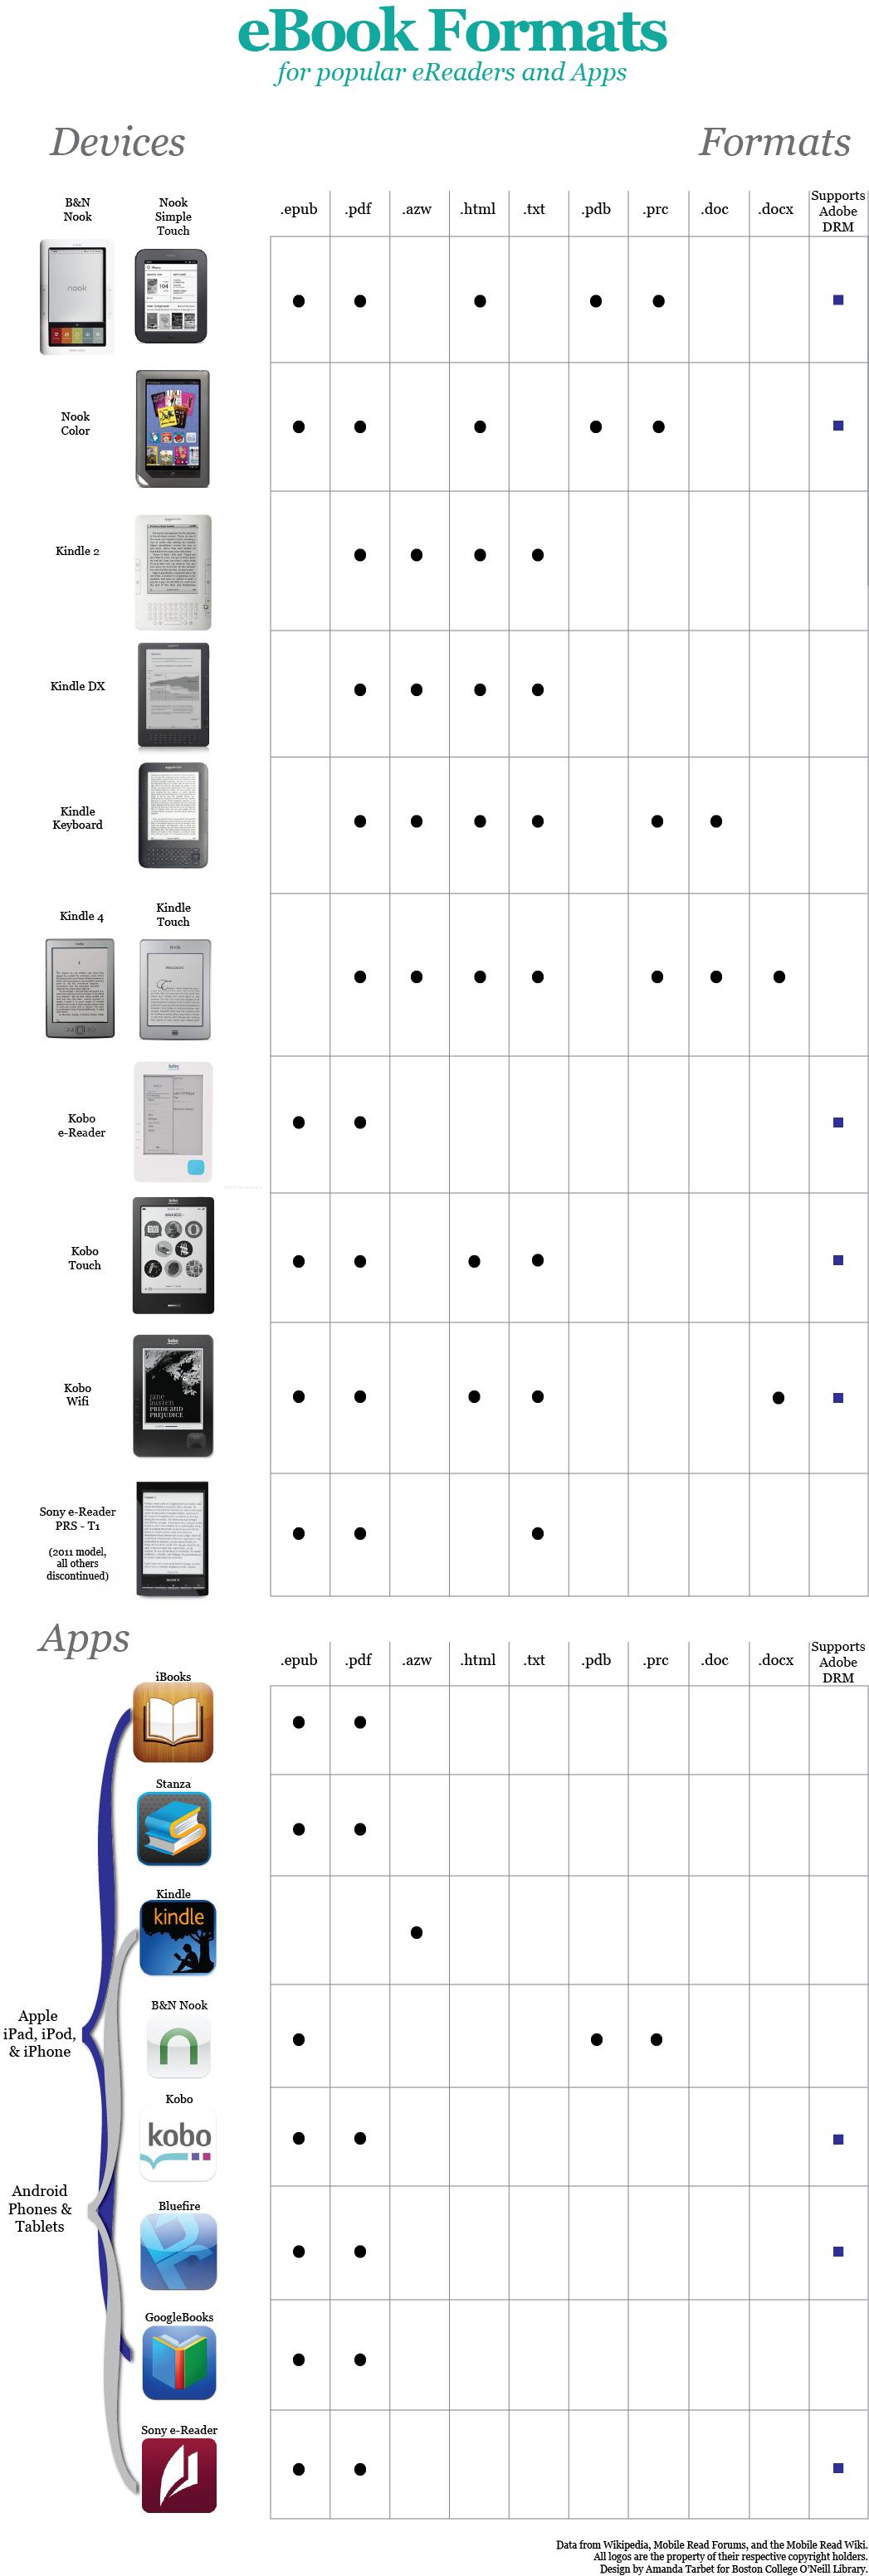 e-book formats chart